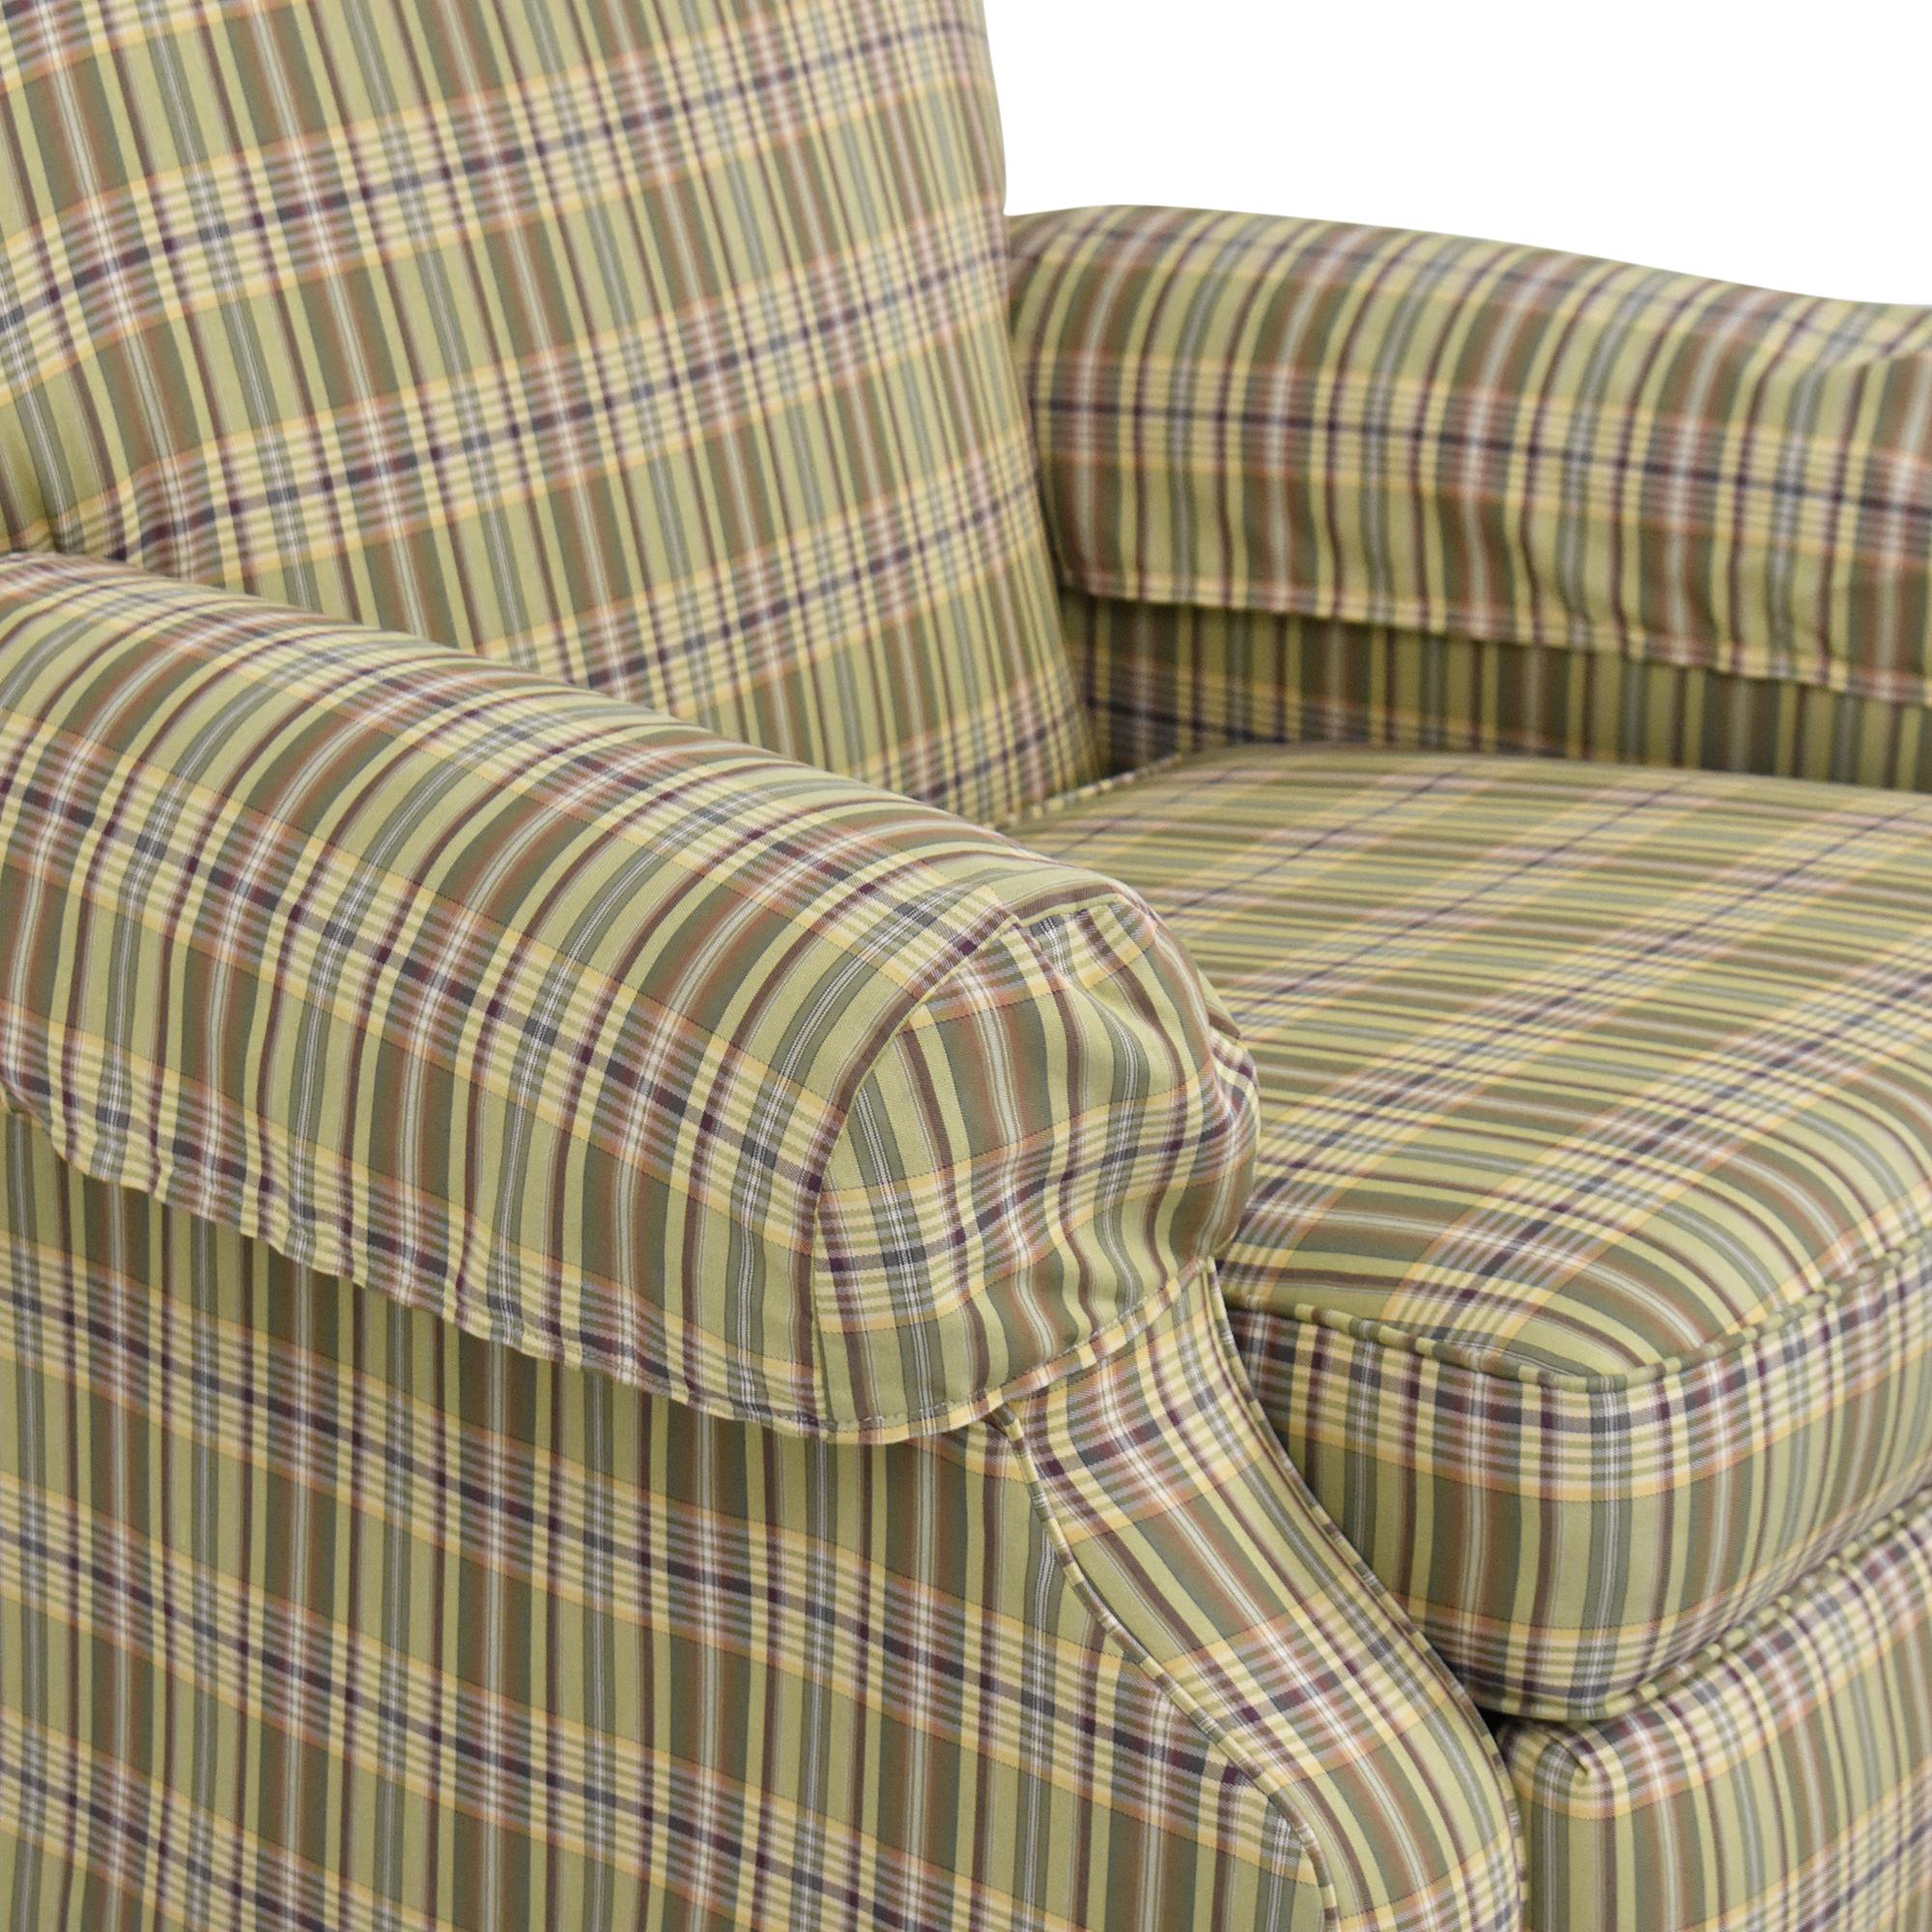 buy La-Z-Boy Plaid Recliner La-Z-Boy Chairs